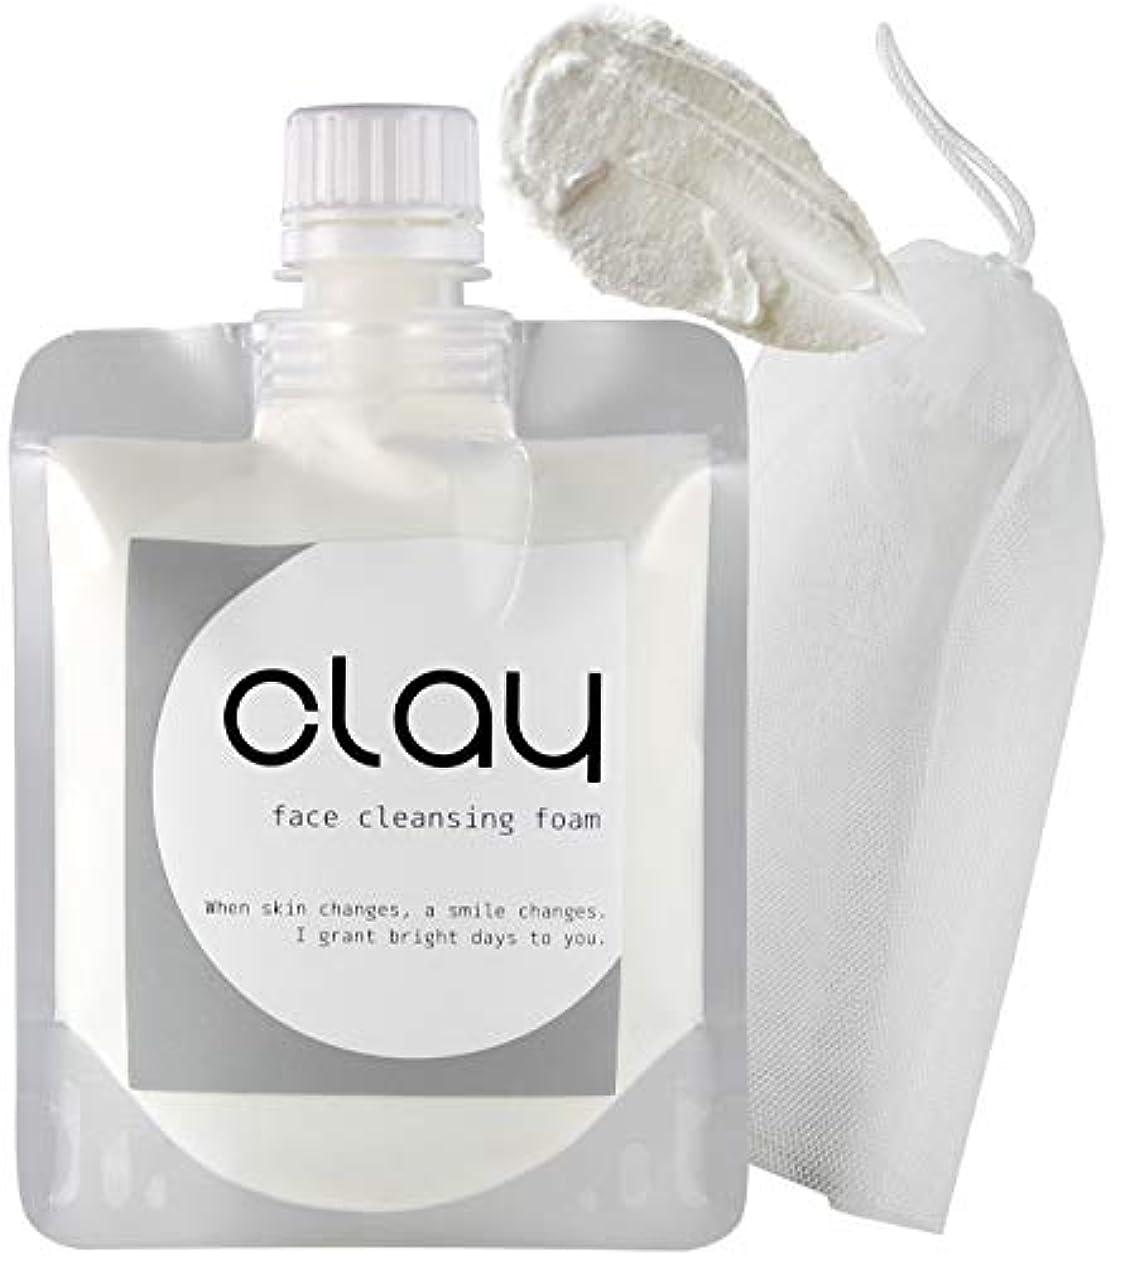 印をつけるステープル支出STAR'S クレイ 泥 洗顔 オーガニック 【 毛穴 黒ずみ 開き ザラ付き 用】「 泡 ネット 付き」 40種類の植物エキス 16種類の美容成分 9つの無添加 透明感 柔肌 130g (Clay)